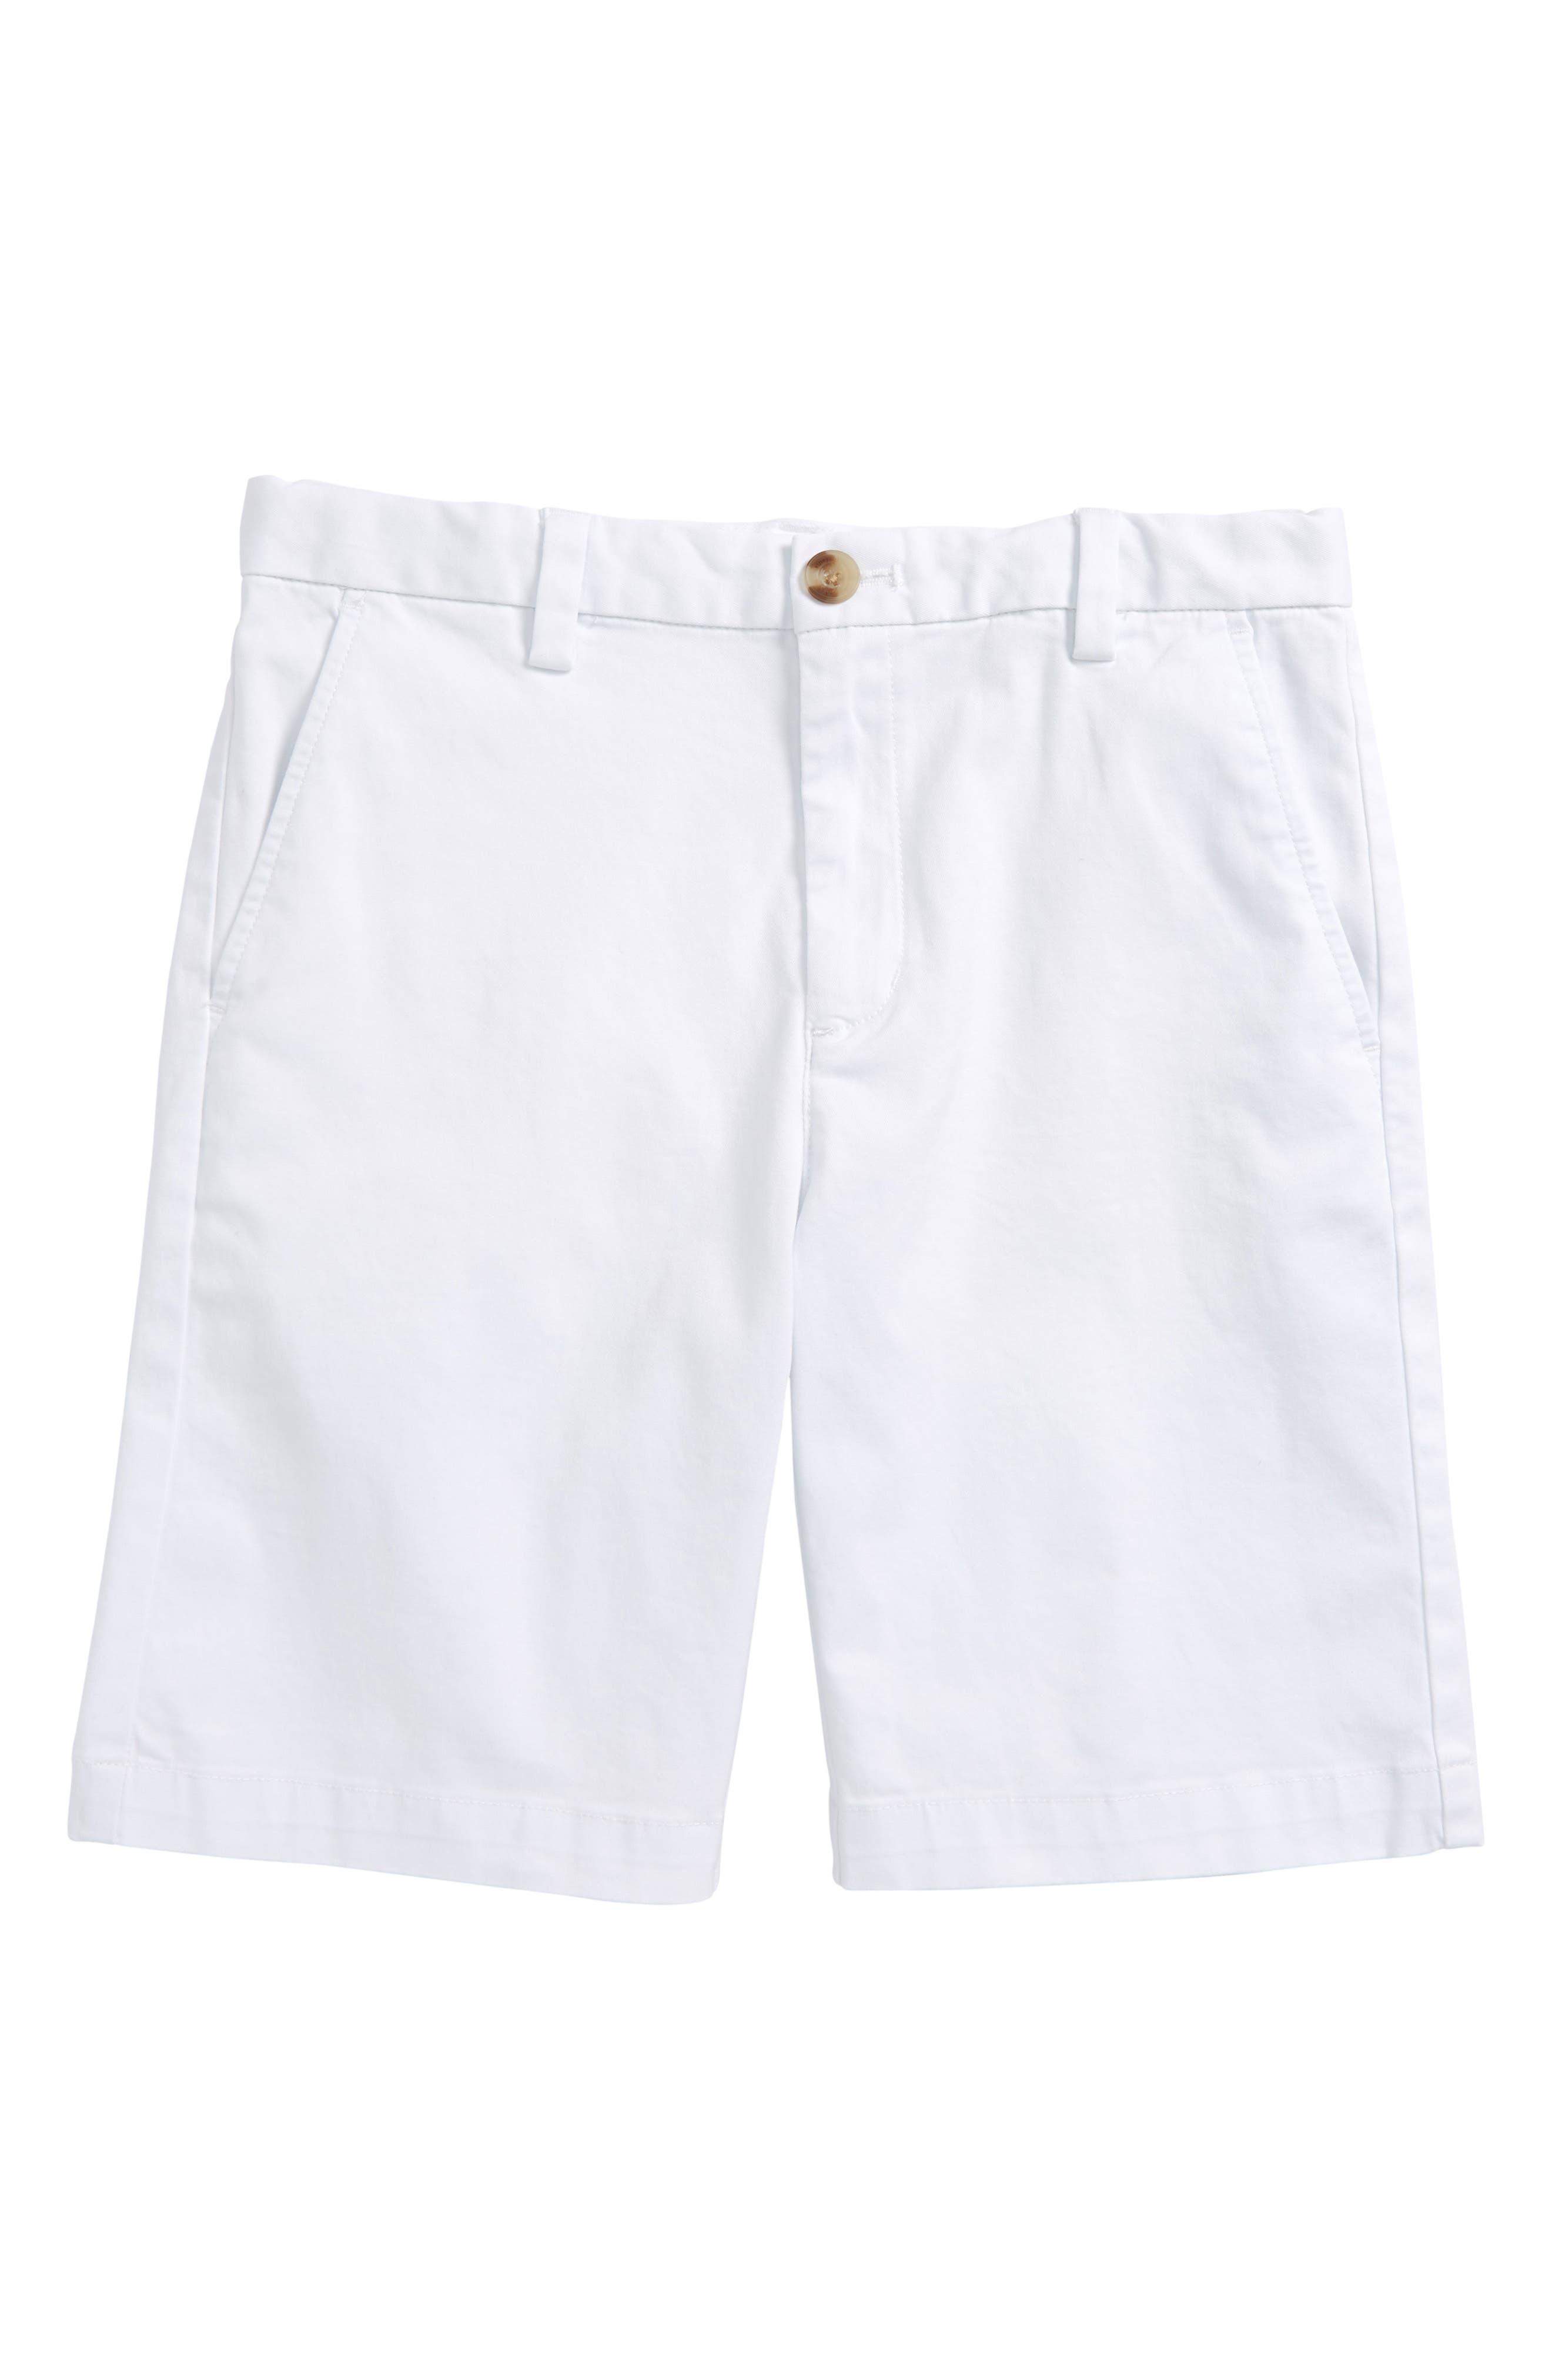 Boys Vineyard Vines Stretch Breaker Shorts Size 7  White